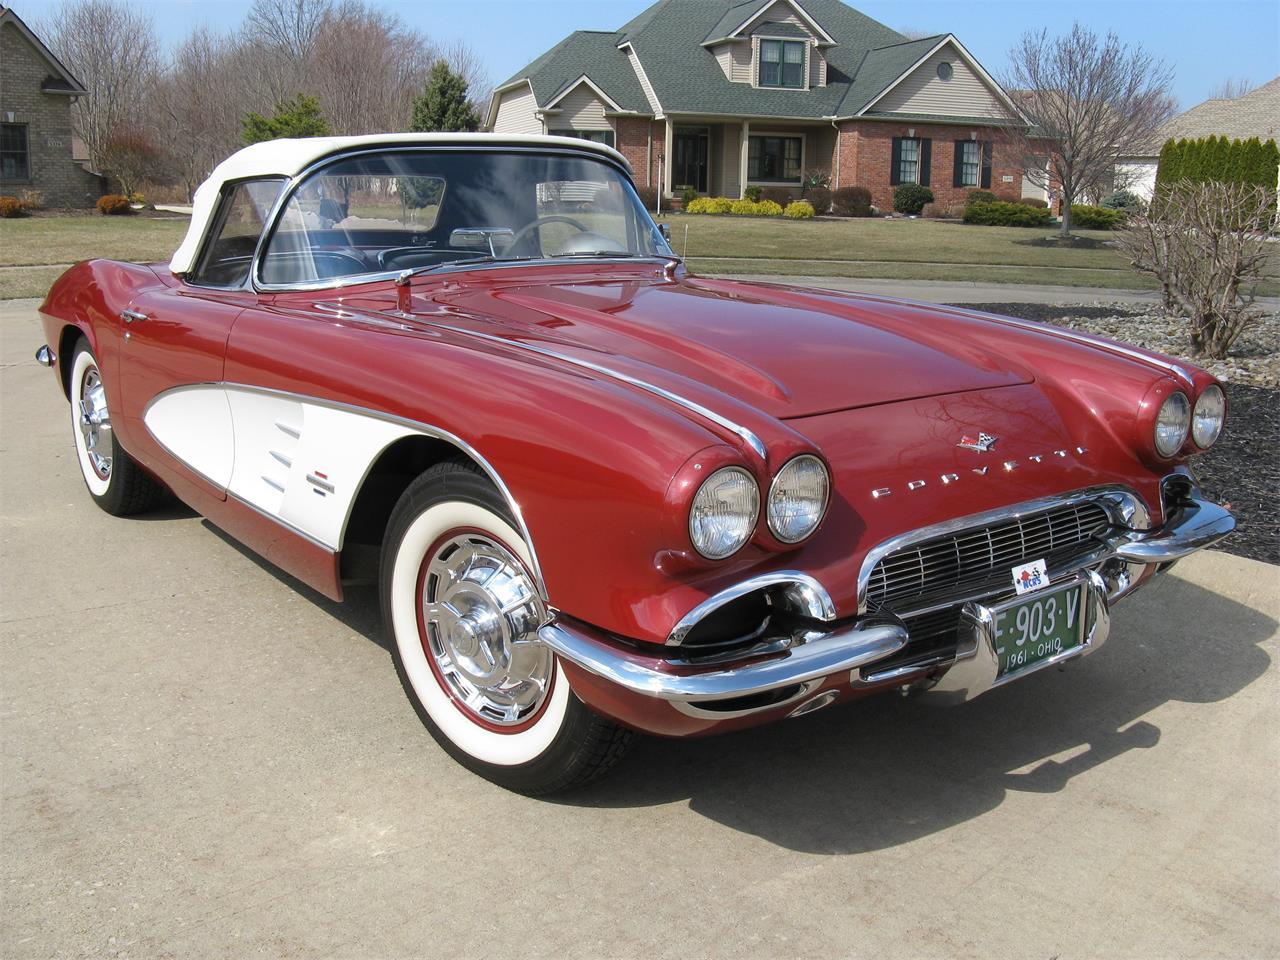 For Sale: 1961 Chevrolet Corvette in Shaker Heights, Ohio